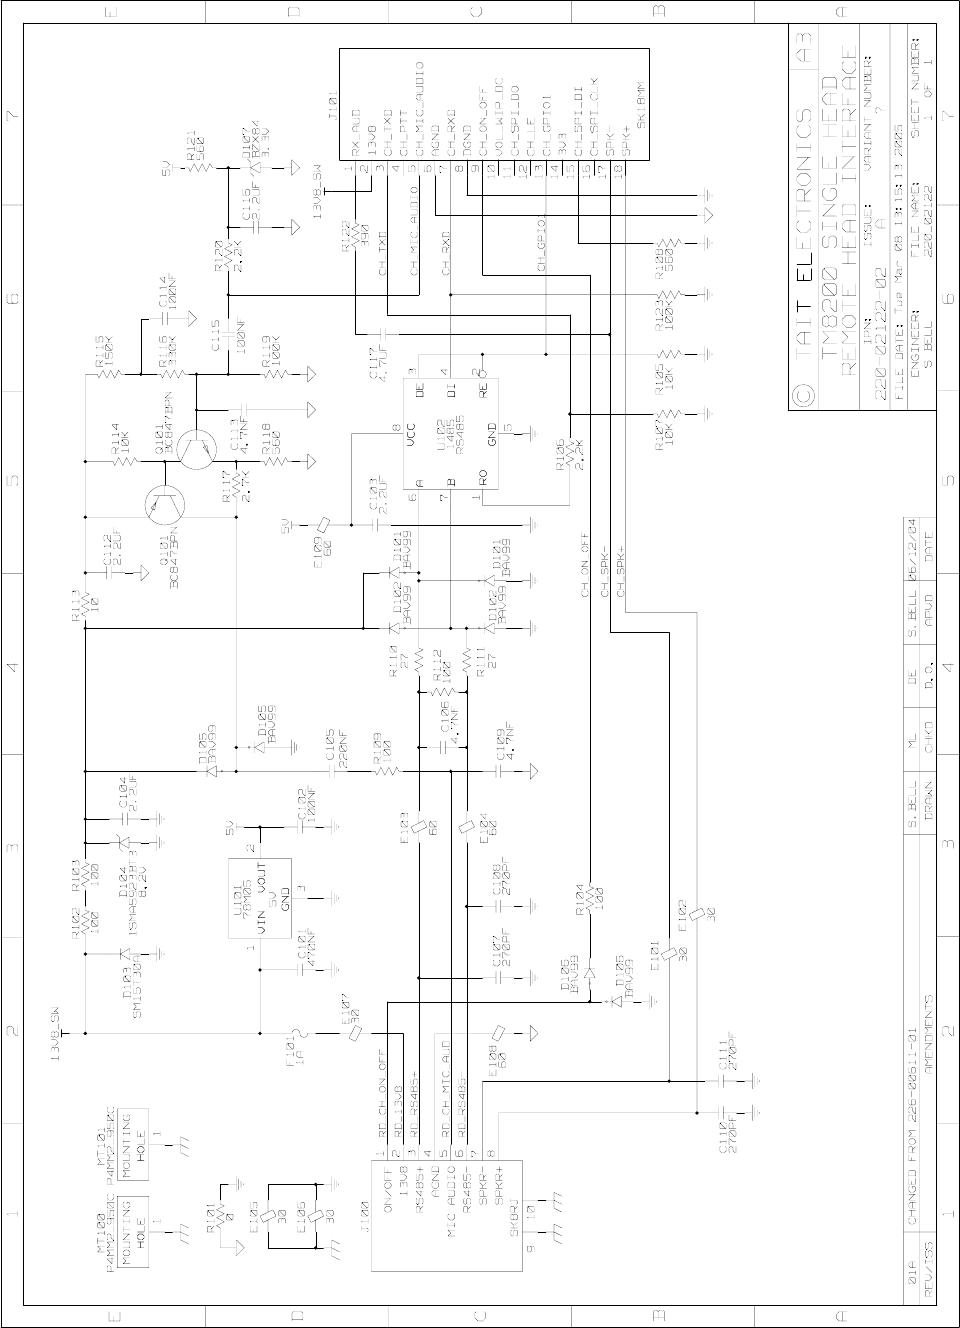 TM8100/TM8200 Accessories Manual TM8000/TM8100 8200 Manual